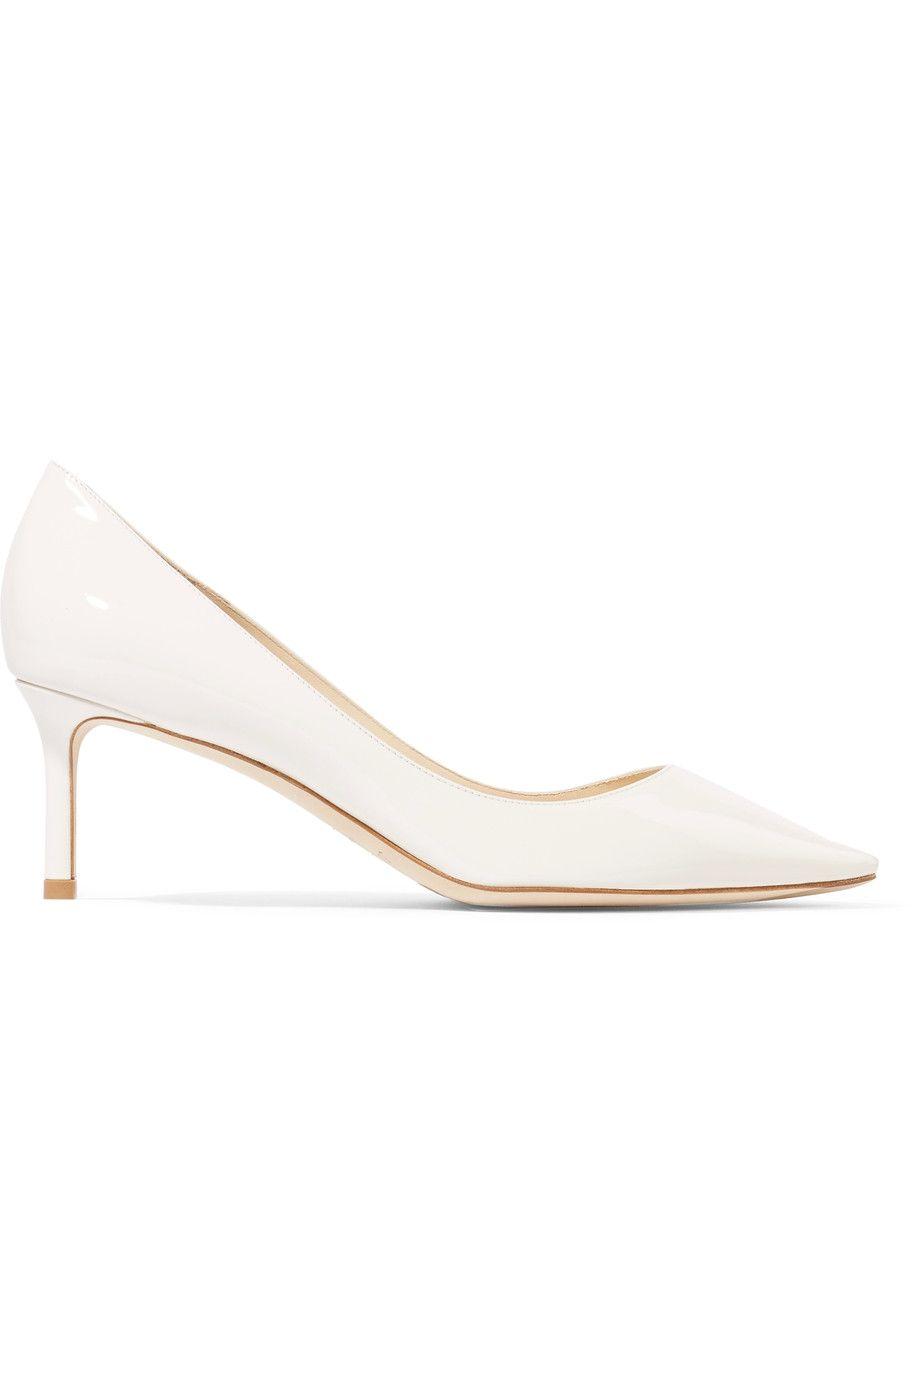 scarpe bianche moda 2018 décolleté Jimmy Choo